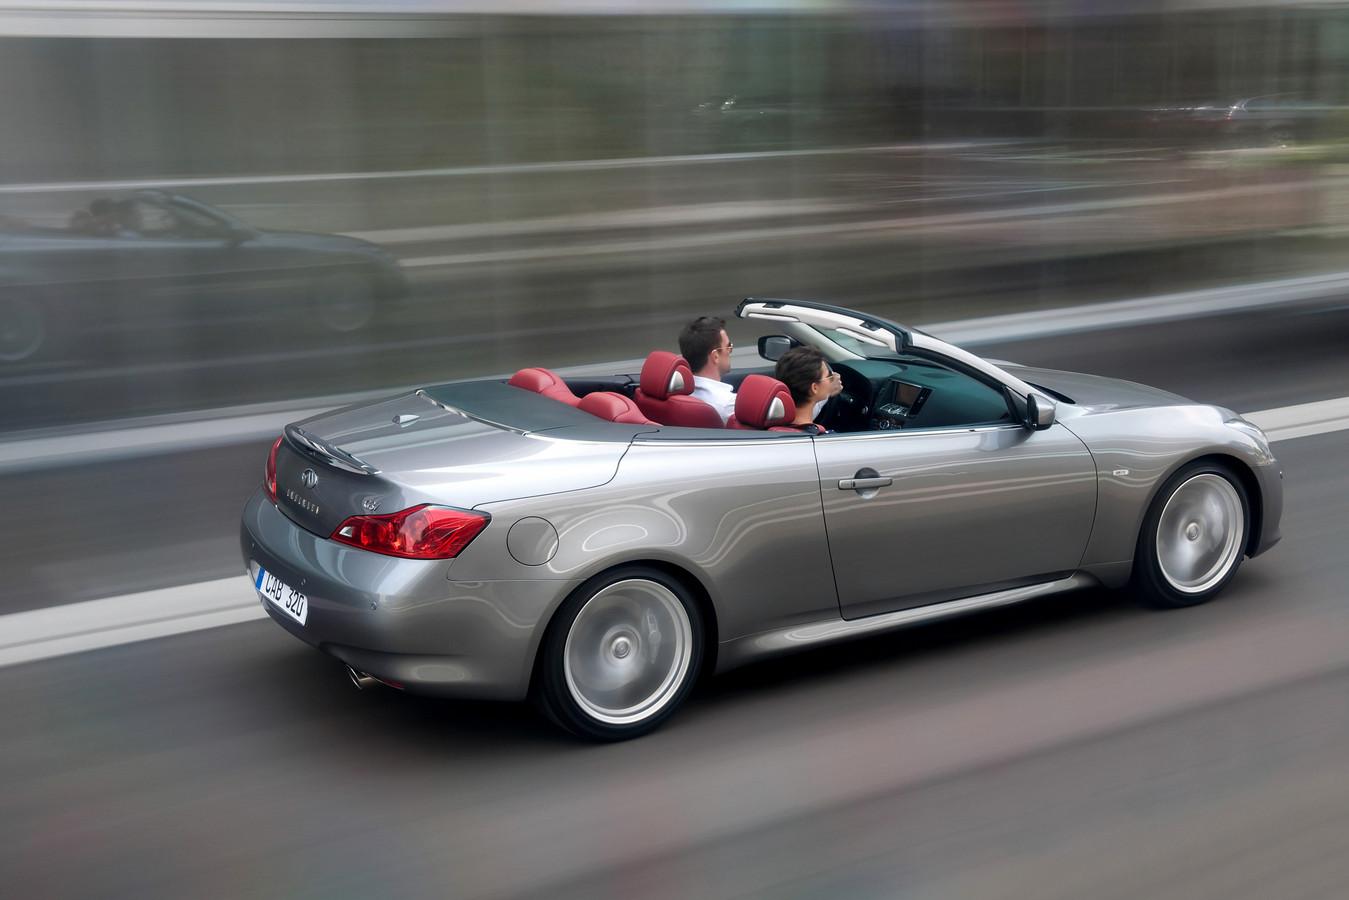 Hij biedt net zo veel verwennerij als een BMW 3-Serie of Audi A5 cabriolet, maar is een stuk specialer: de Infiniti G37